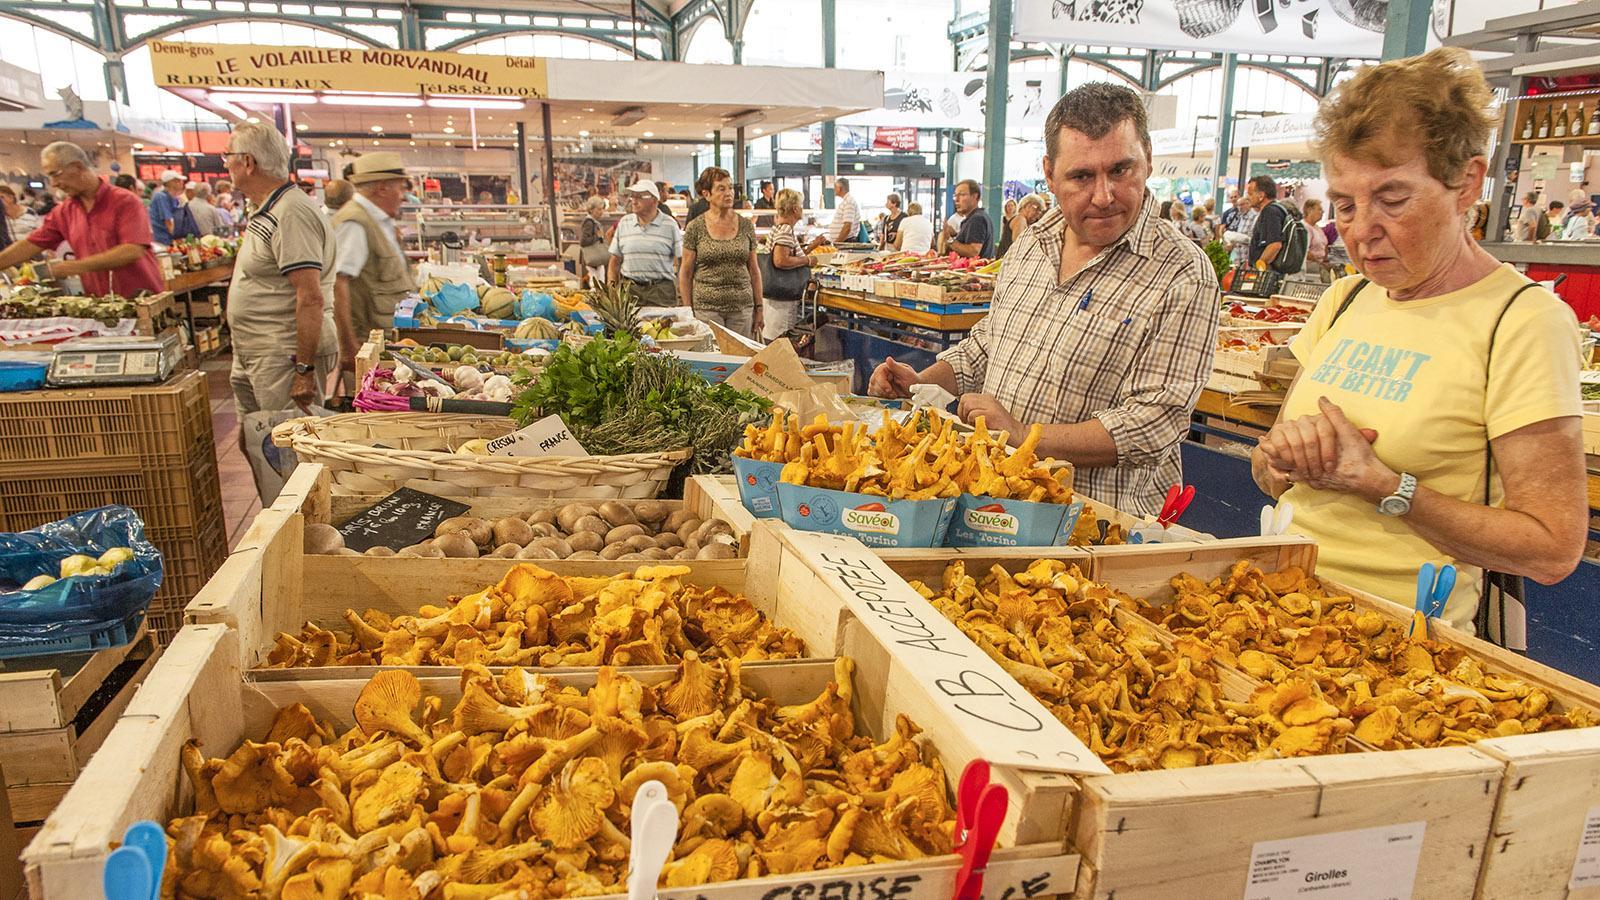 Pfifferling aus der Creuse, ab September topfrisch in der Markthalle von Dijon. Foto: Hilke Maunder